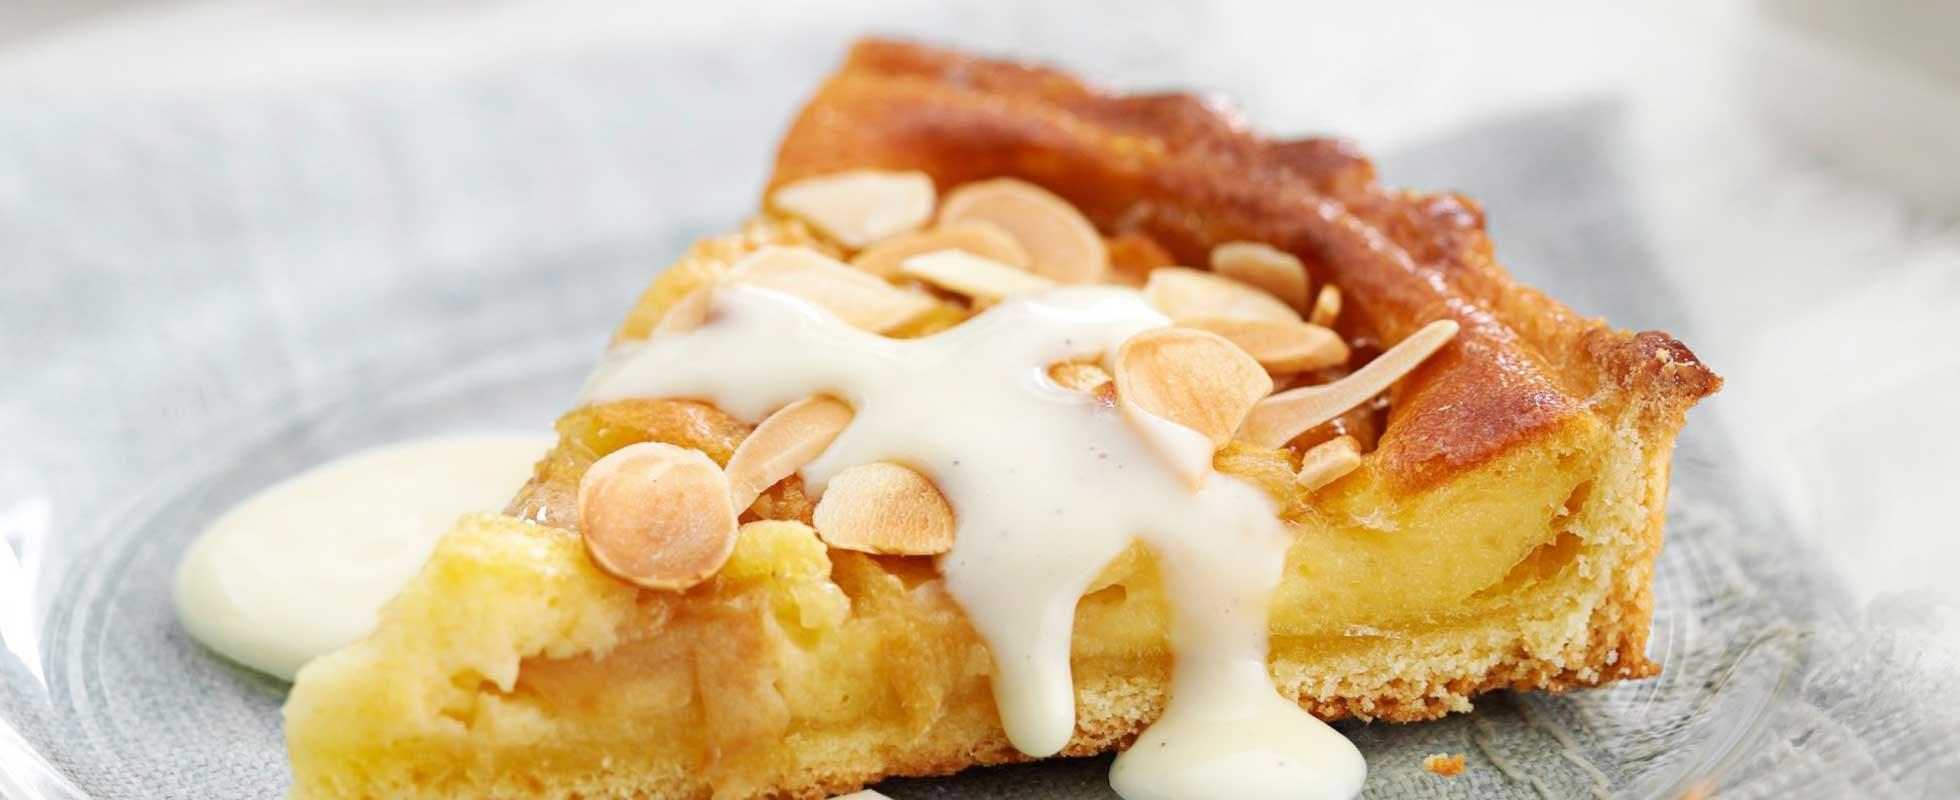 Cheat's apple tart with custard - olive magazine